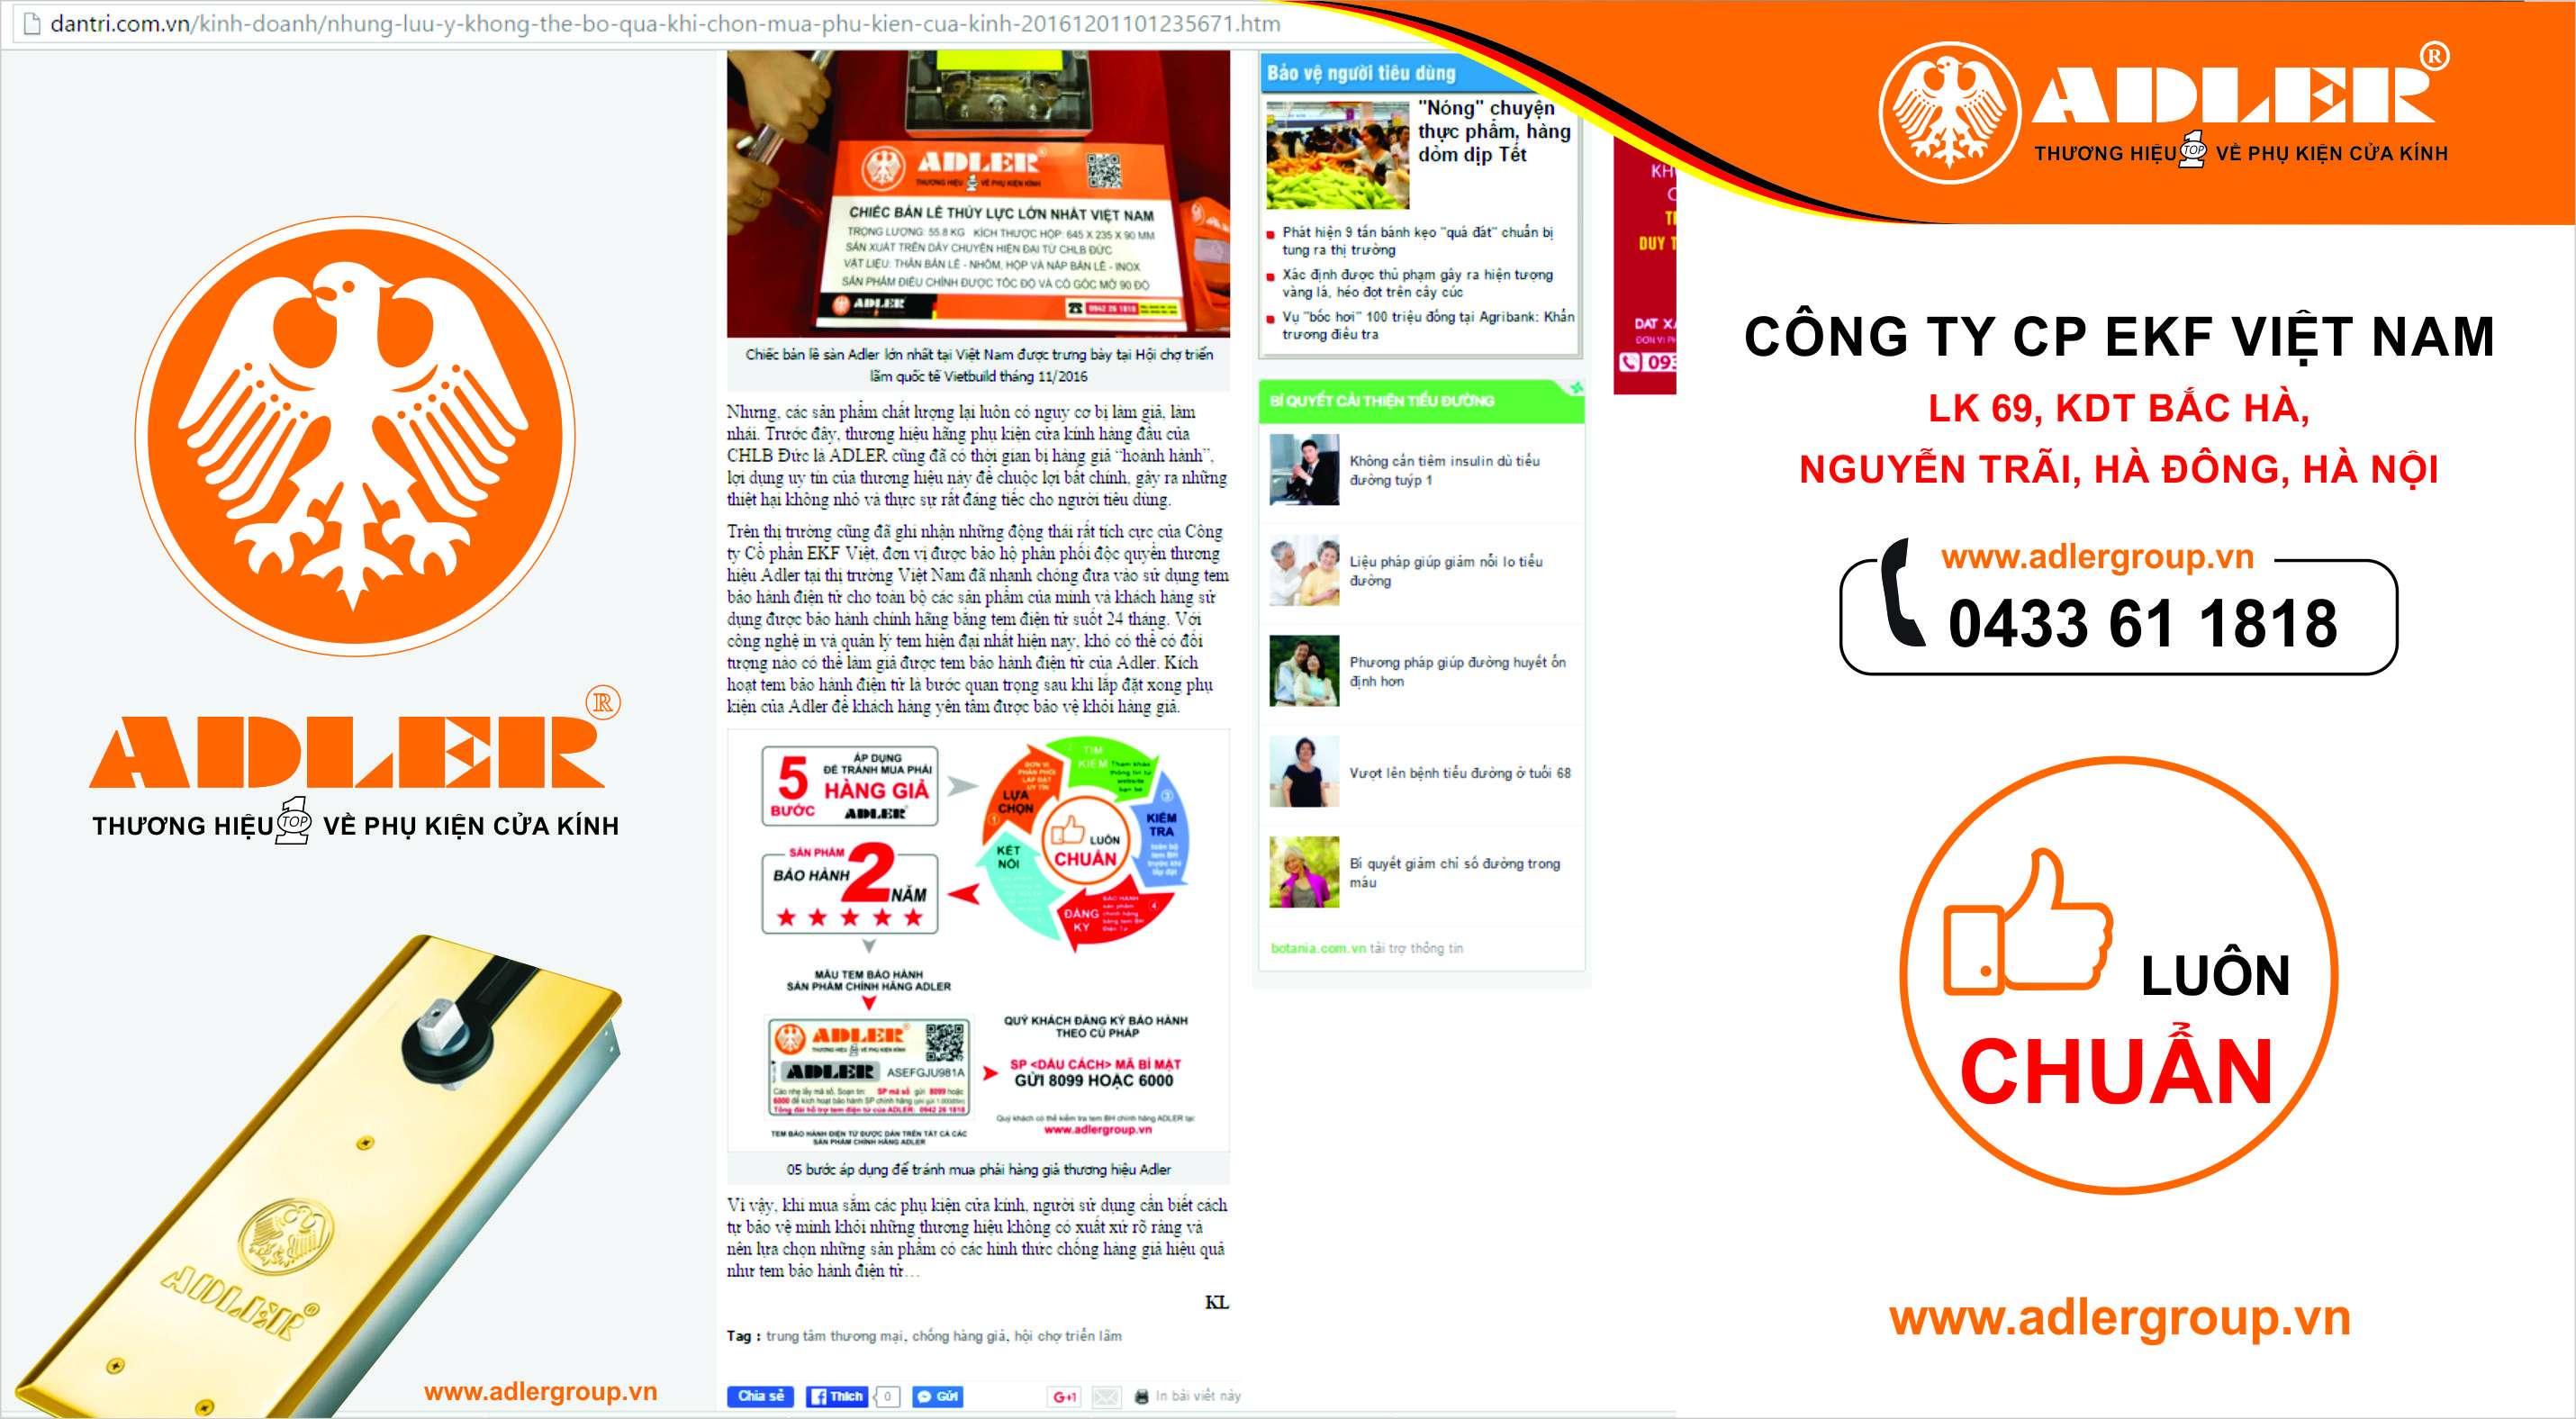 bước hướng dẫn khách hàng xác thực hàng chính hãng của Adler trên dantri.com.vn